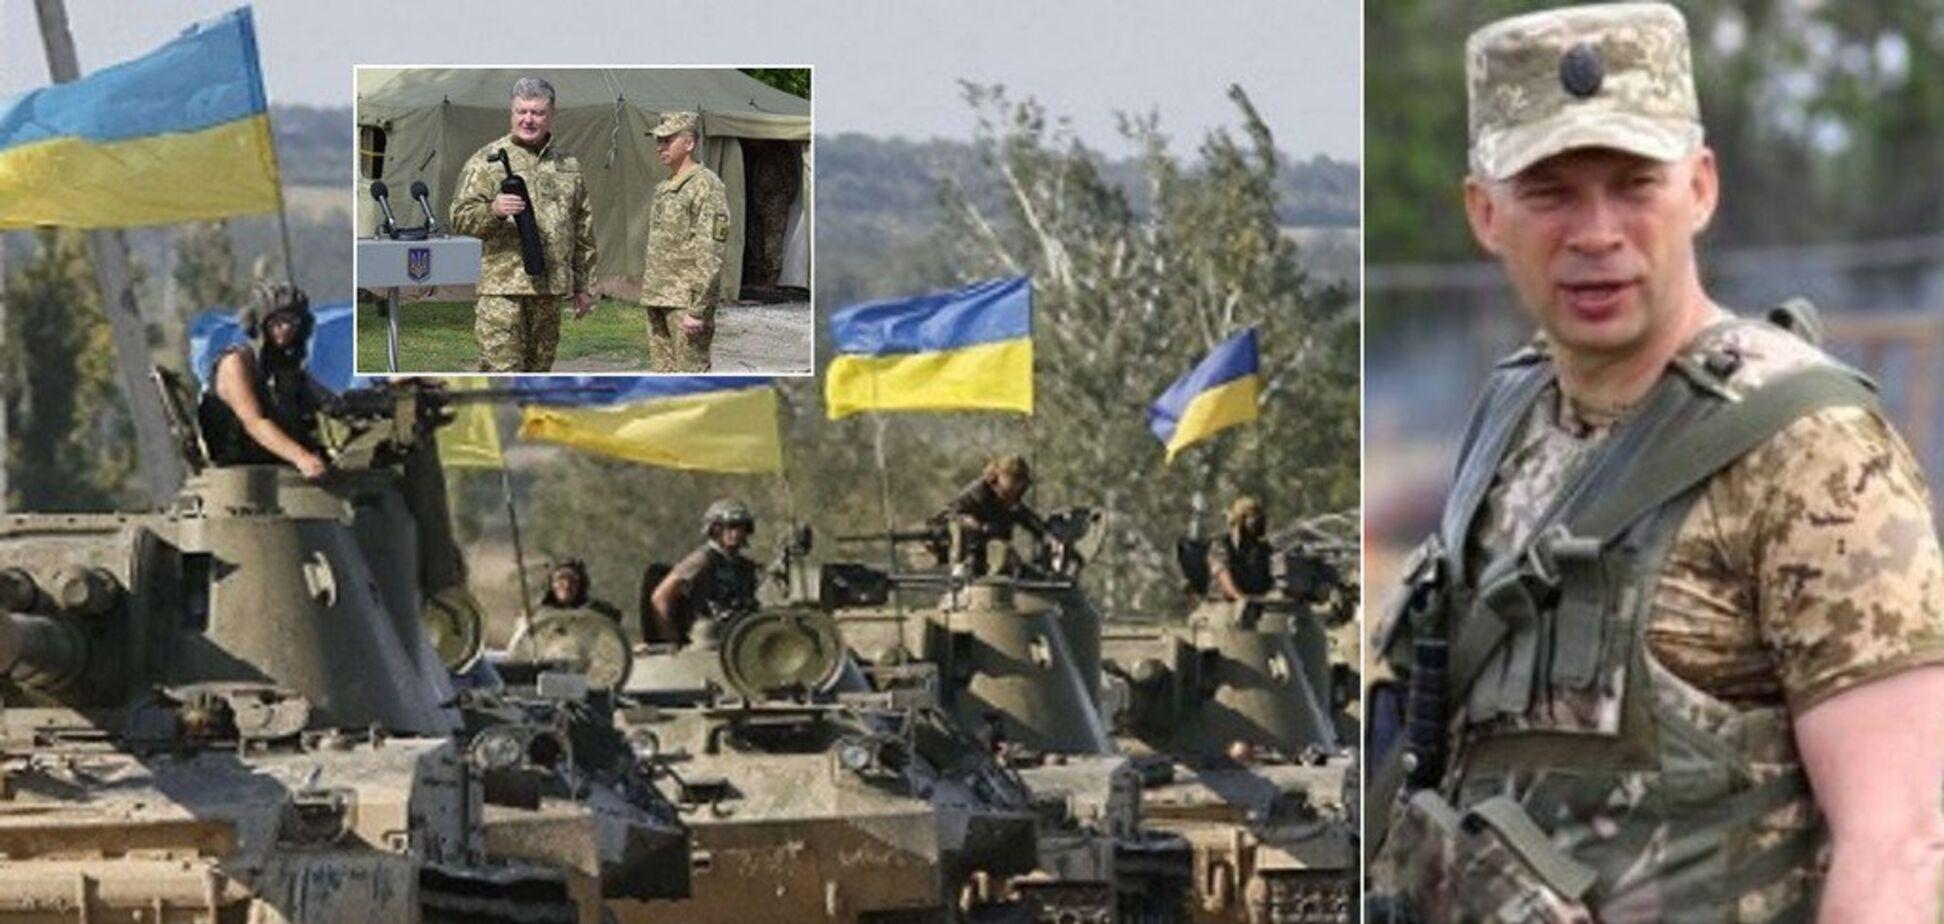 Порошенко призначив нового командувача ООС на Донбасі: хто він такий